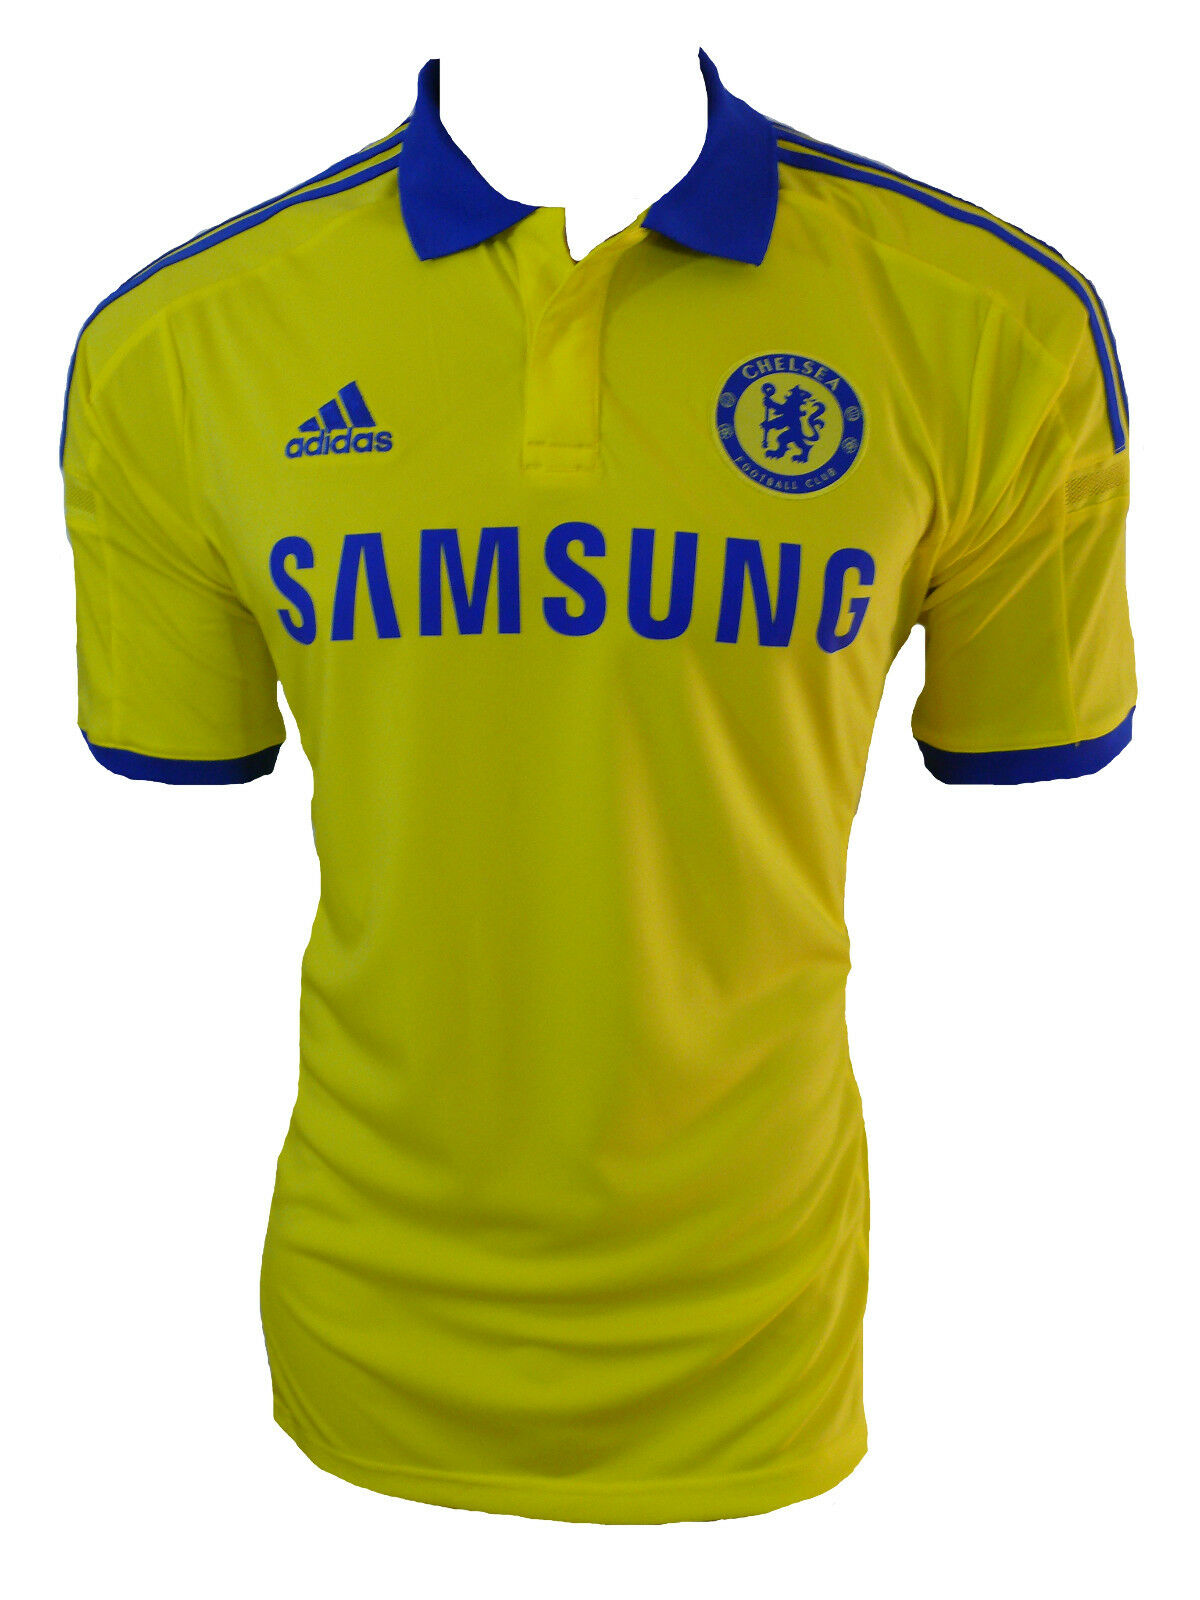 Adidas FC Chelsea Londres Jersey Camiseta 2014 15 size XL nsbdrd3017 ... 4675bdbbd